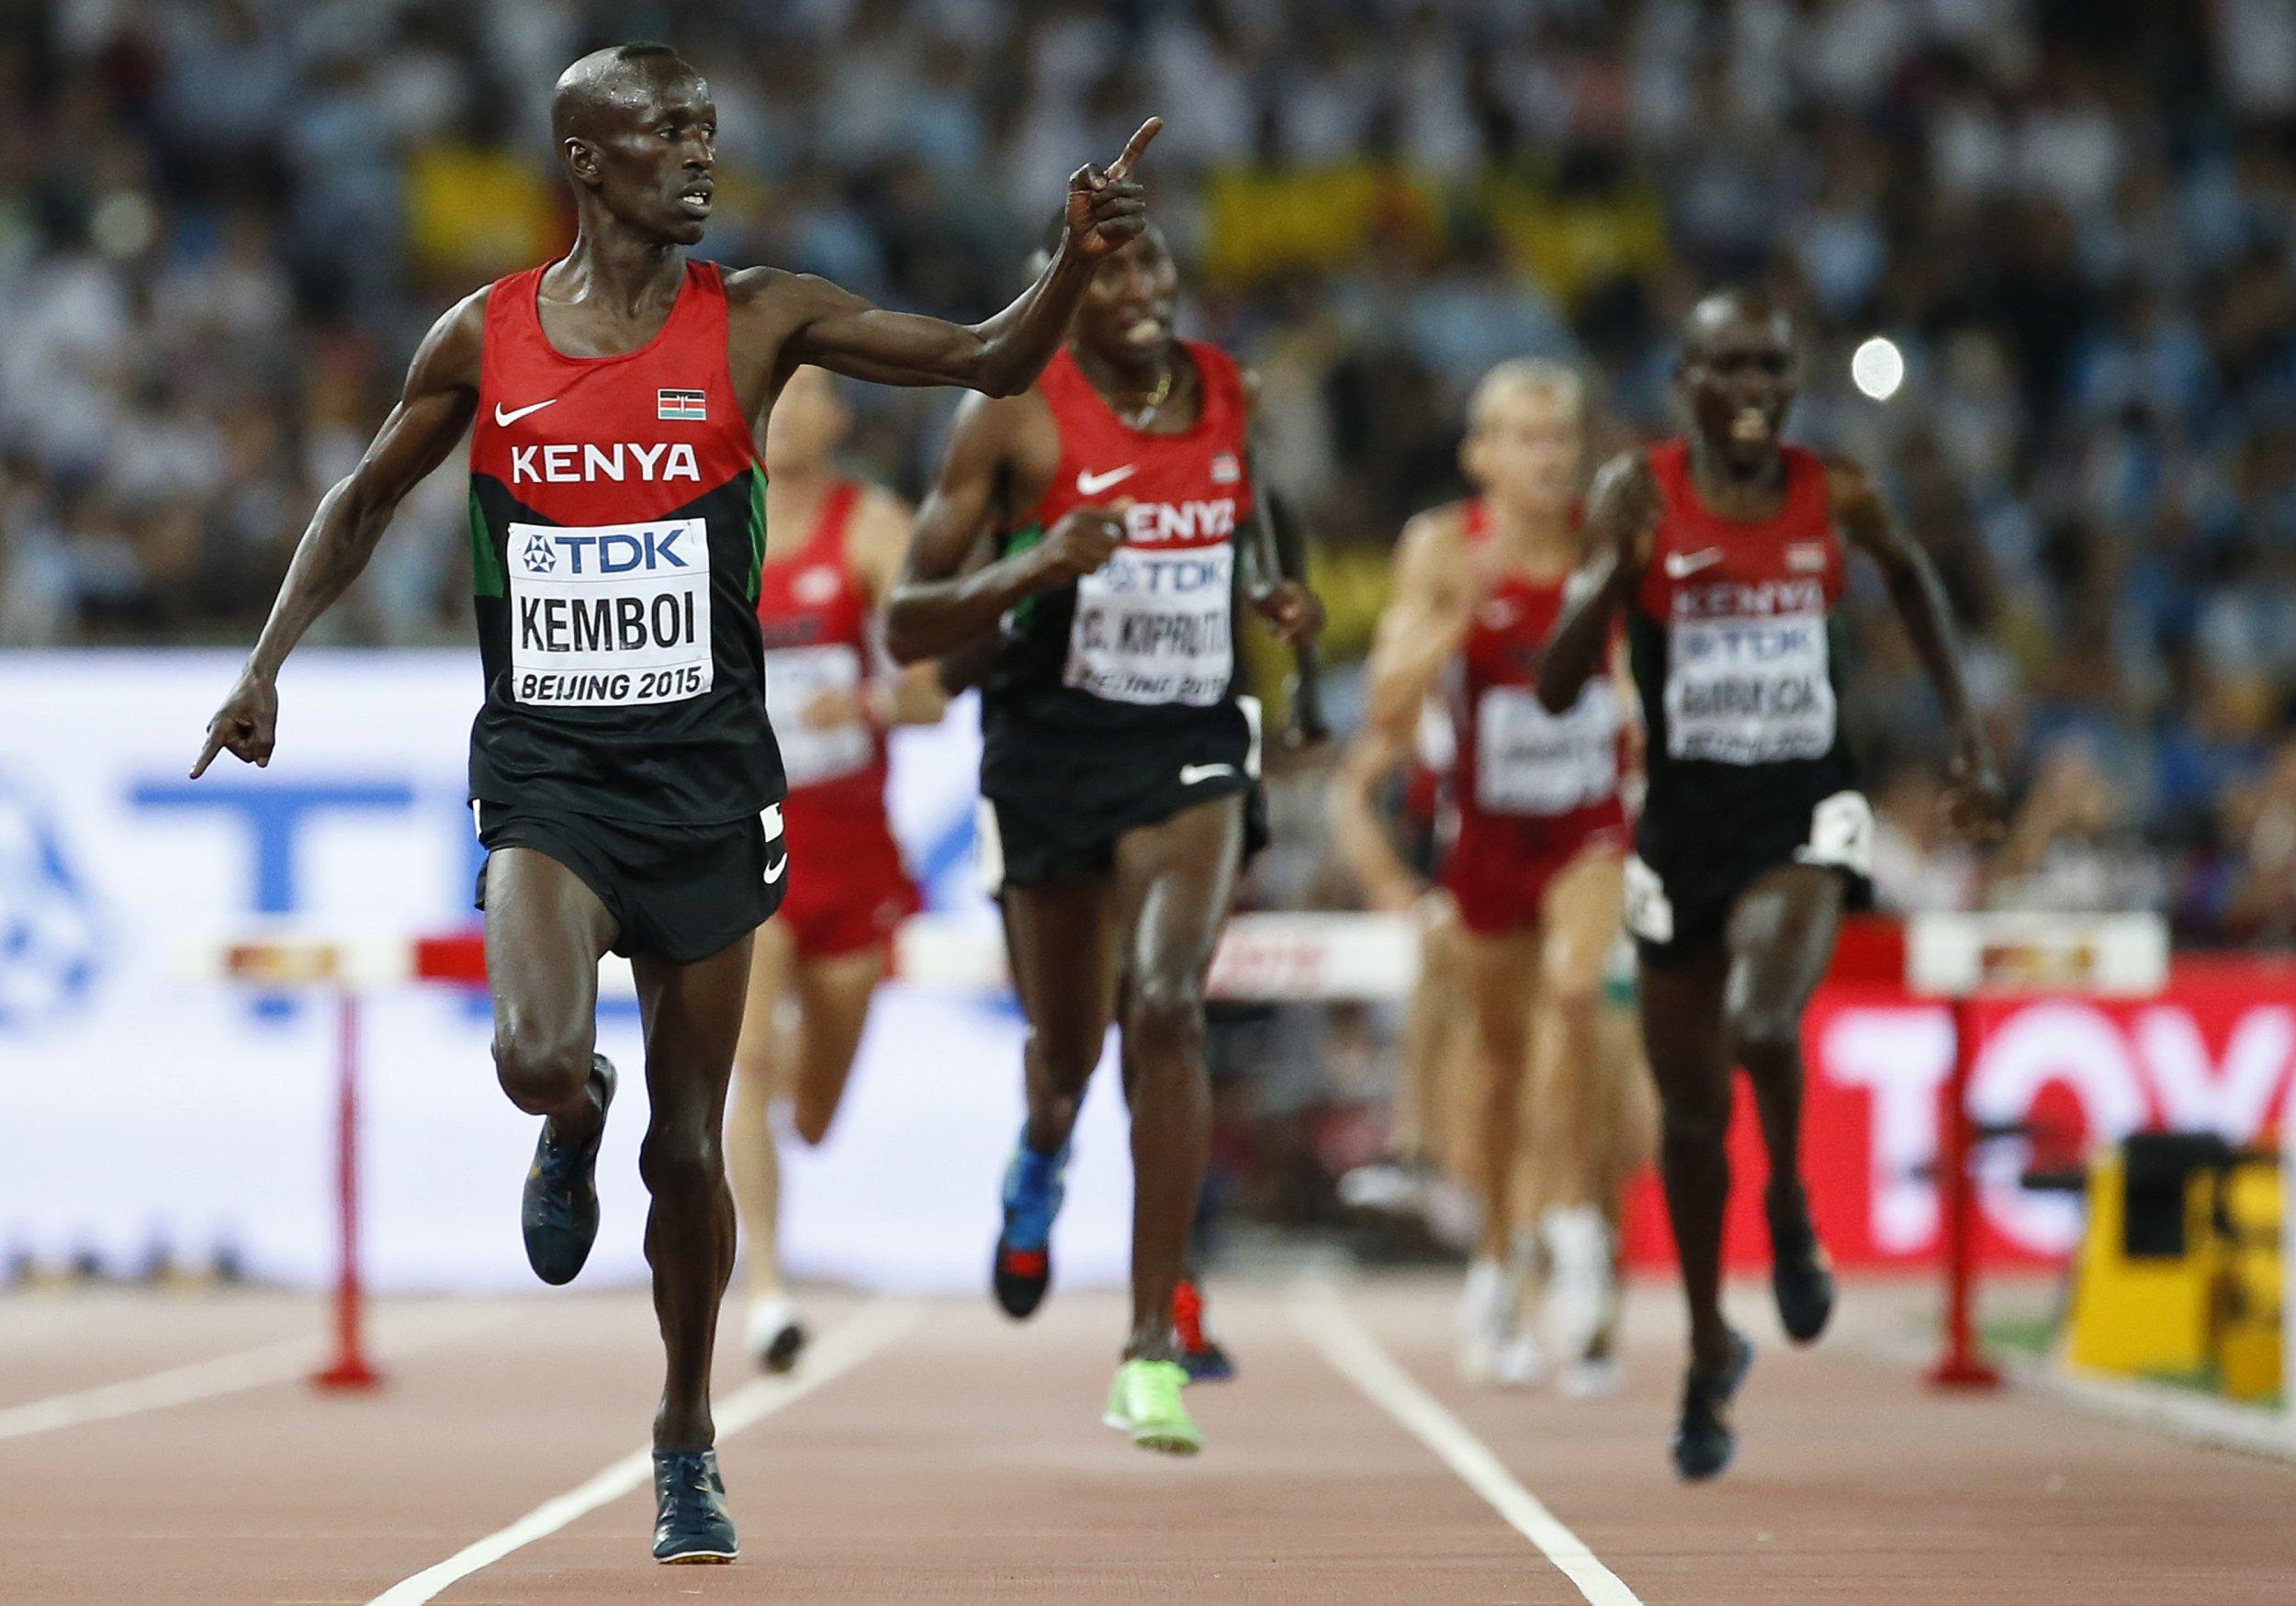 Kenyan athlete Ezekiel Kemboi wins gold at the World Championships in Beijing.